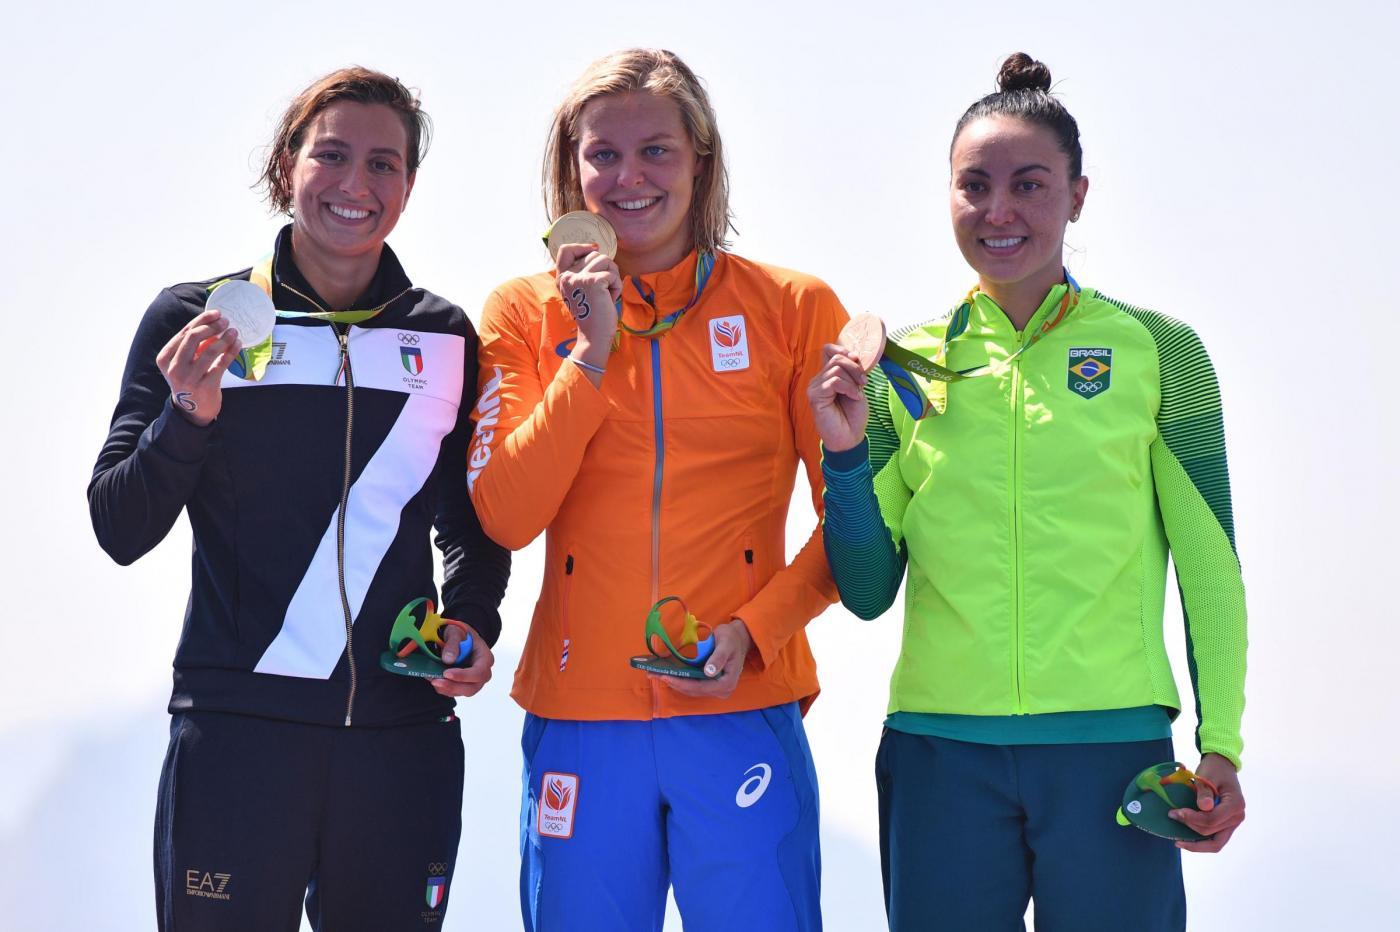 Olimpiadi 2016, nuoto: argento per Rachele Bruni nella 10km donne